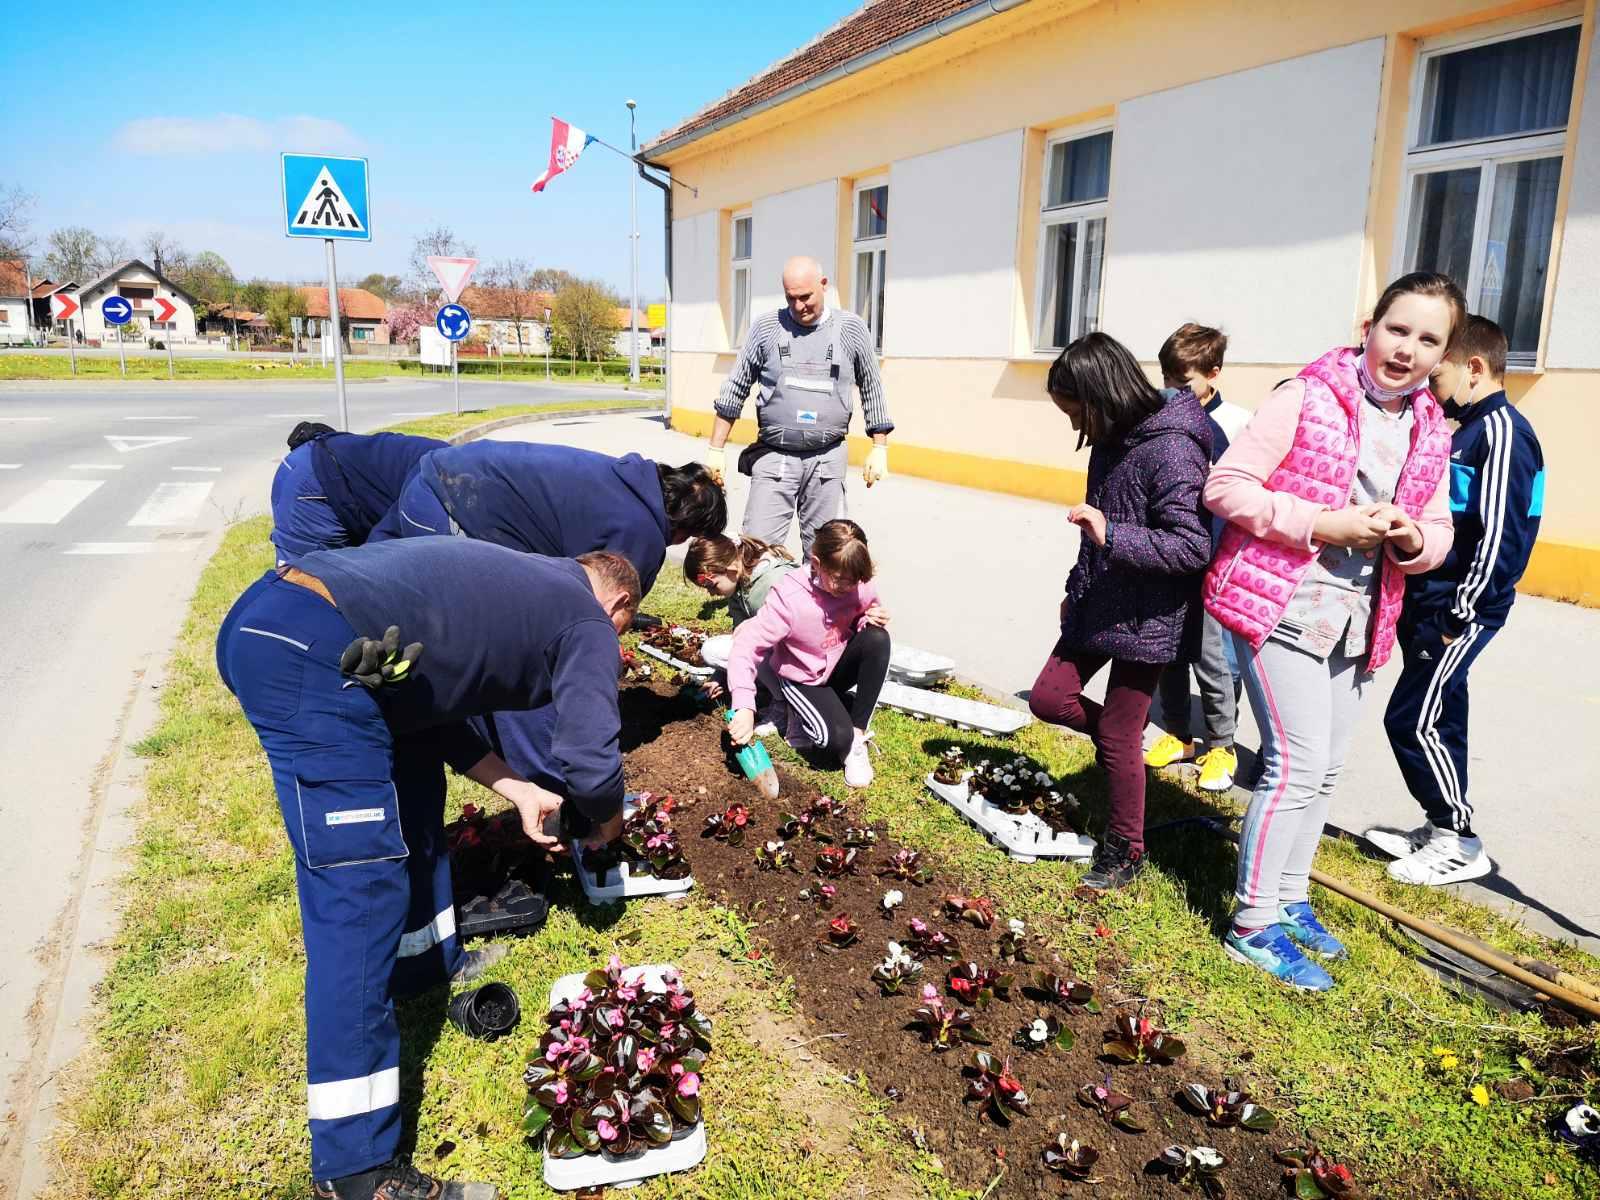 Komunalac uredio cvjetnu gredicu u središtu Đelekovca, općine koja prednjači u odvajanju otpada